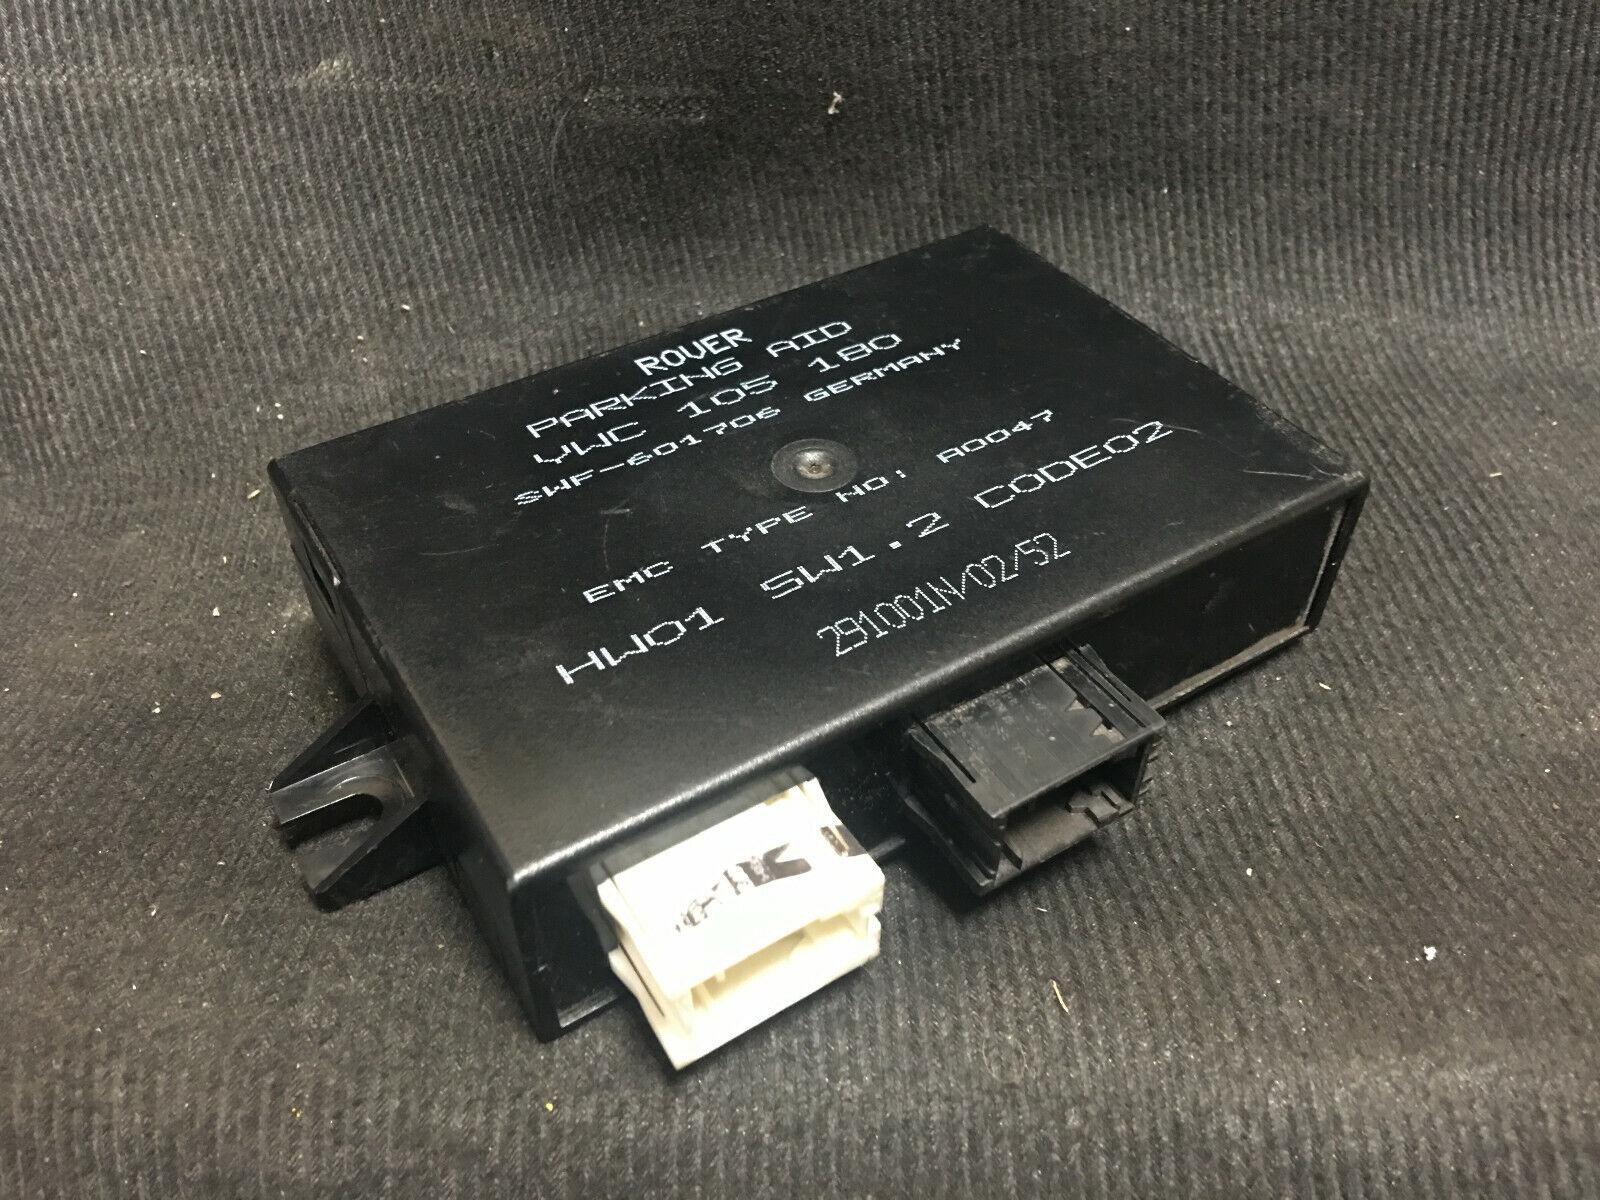 Genuine MG Rover 75 ZT Lambda Sensore Ossigeno 45 ZS mhk100722 mhk100728